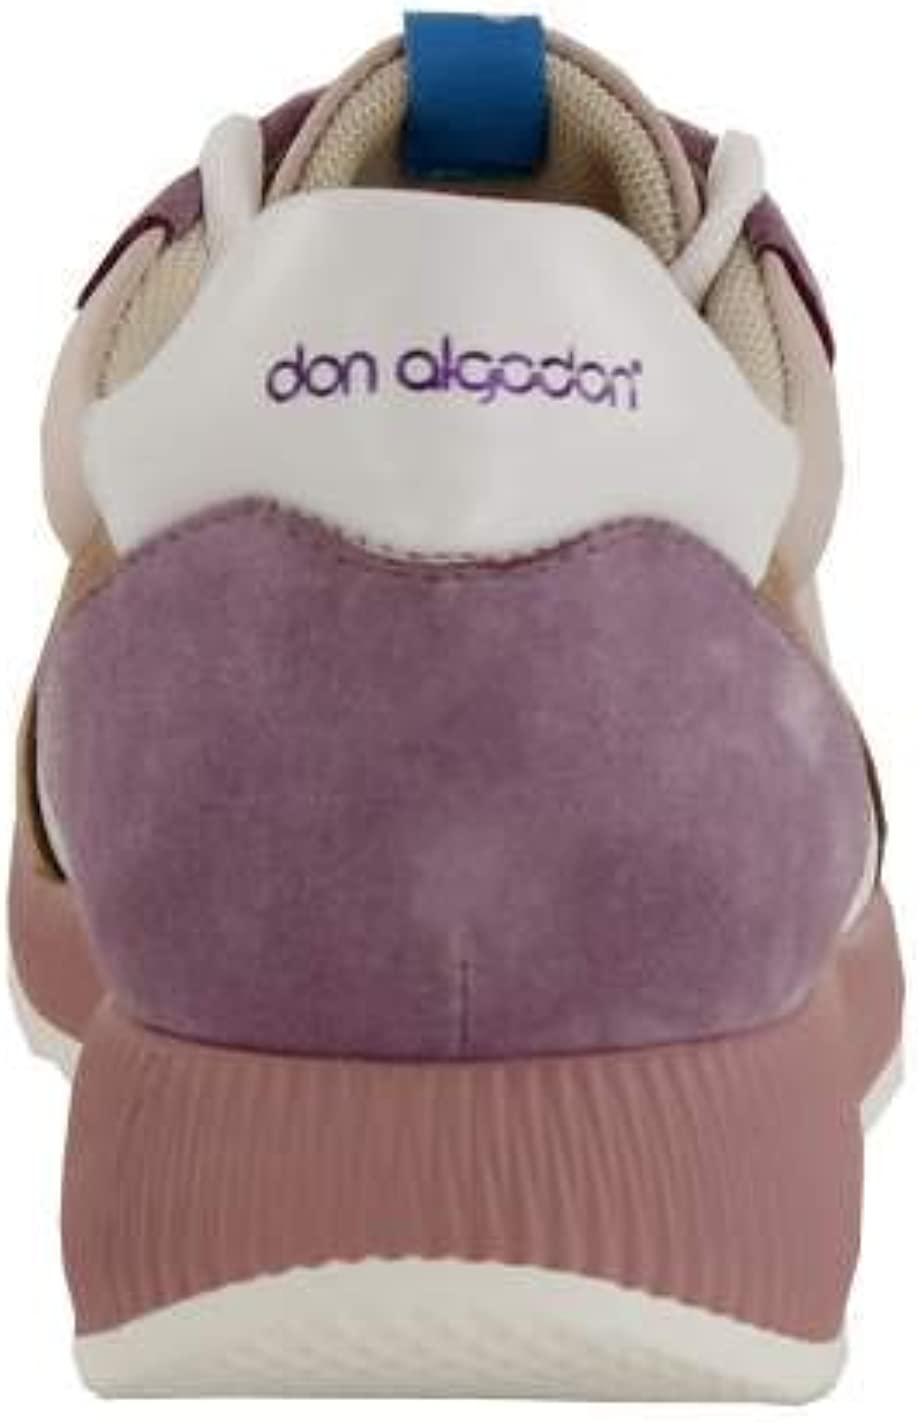 Don algodón Do015, Zapatillas Deportivas Mujer: Amazon.es: Zapatos y complementos